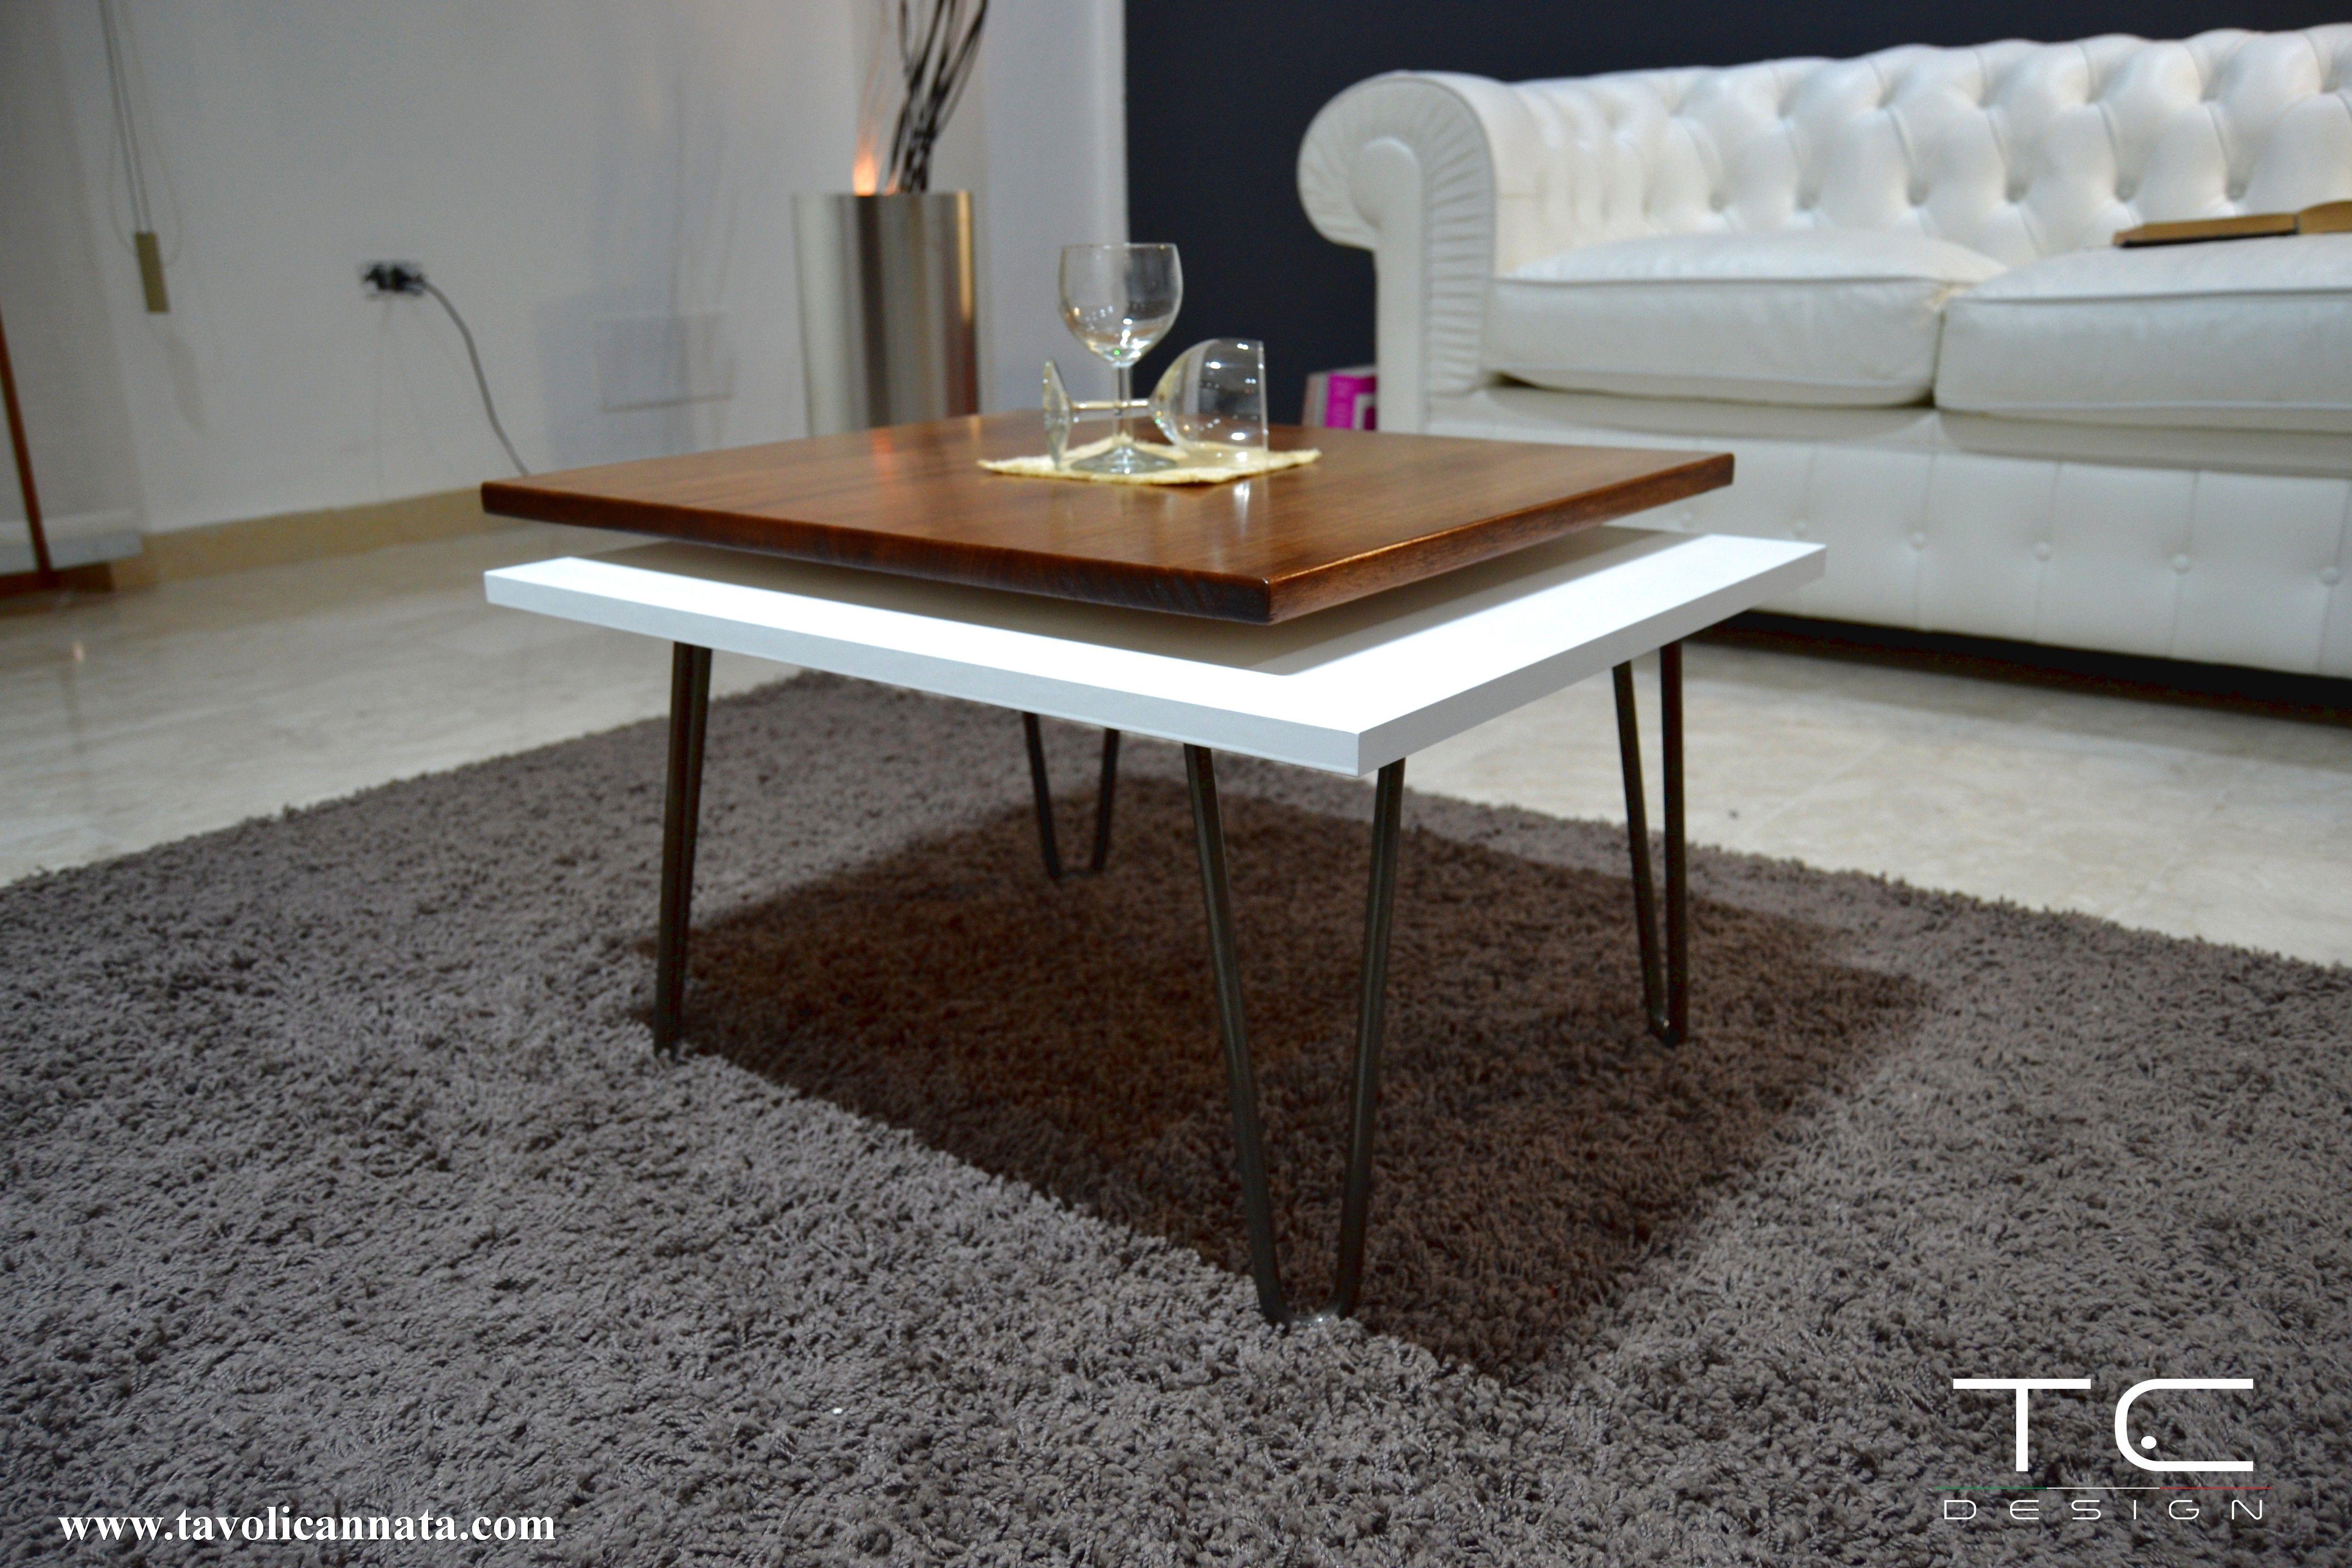 Tavolino Da Salotto Moderno.Tavolino Salotto Tavolini Salotto Tavolino Da Salotto